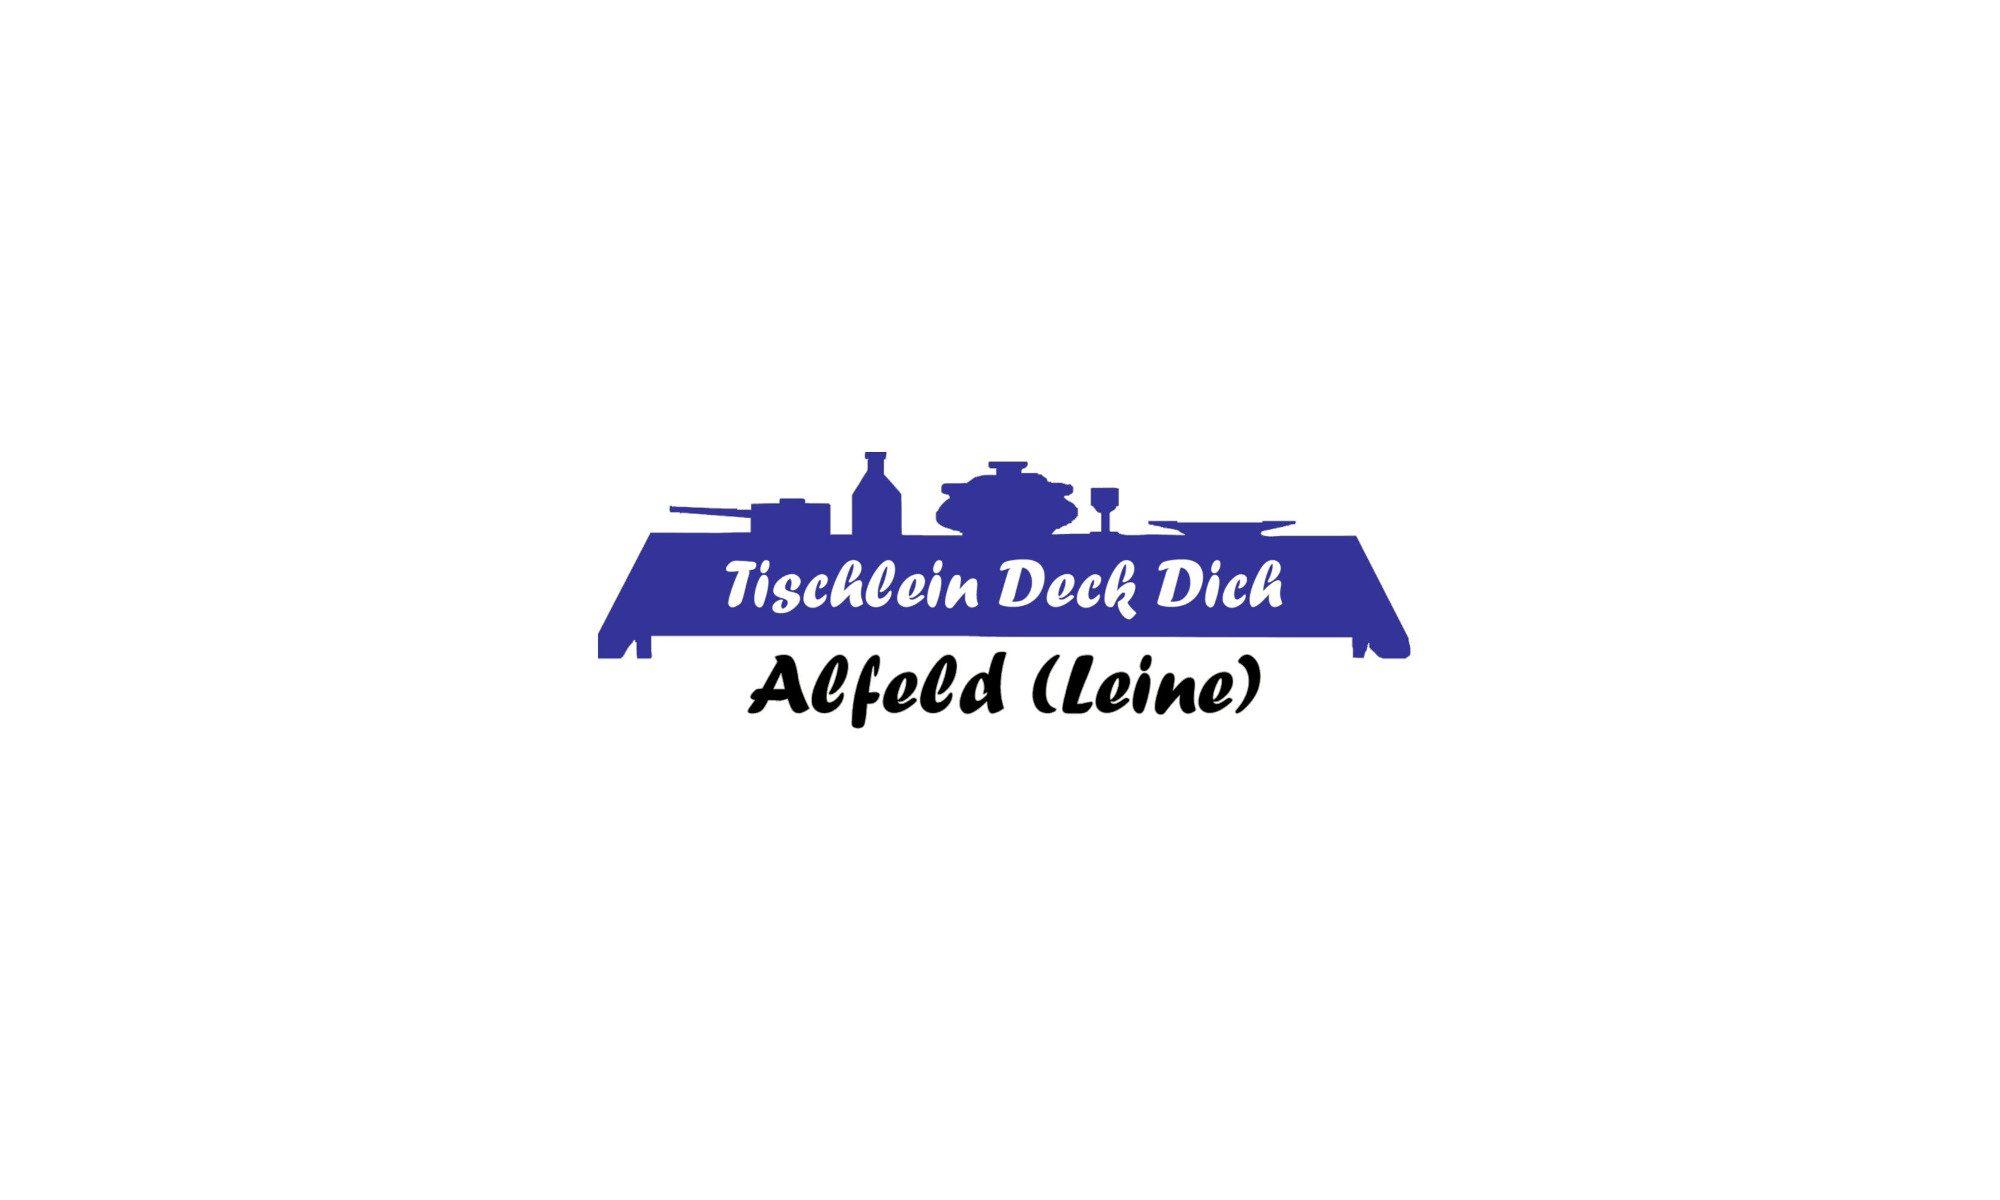 Tischlein Deck Dich Alfeld